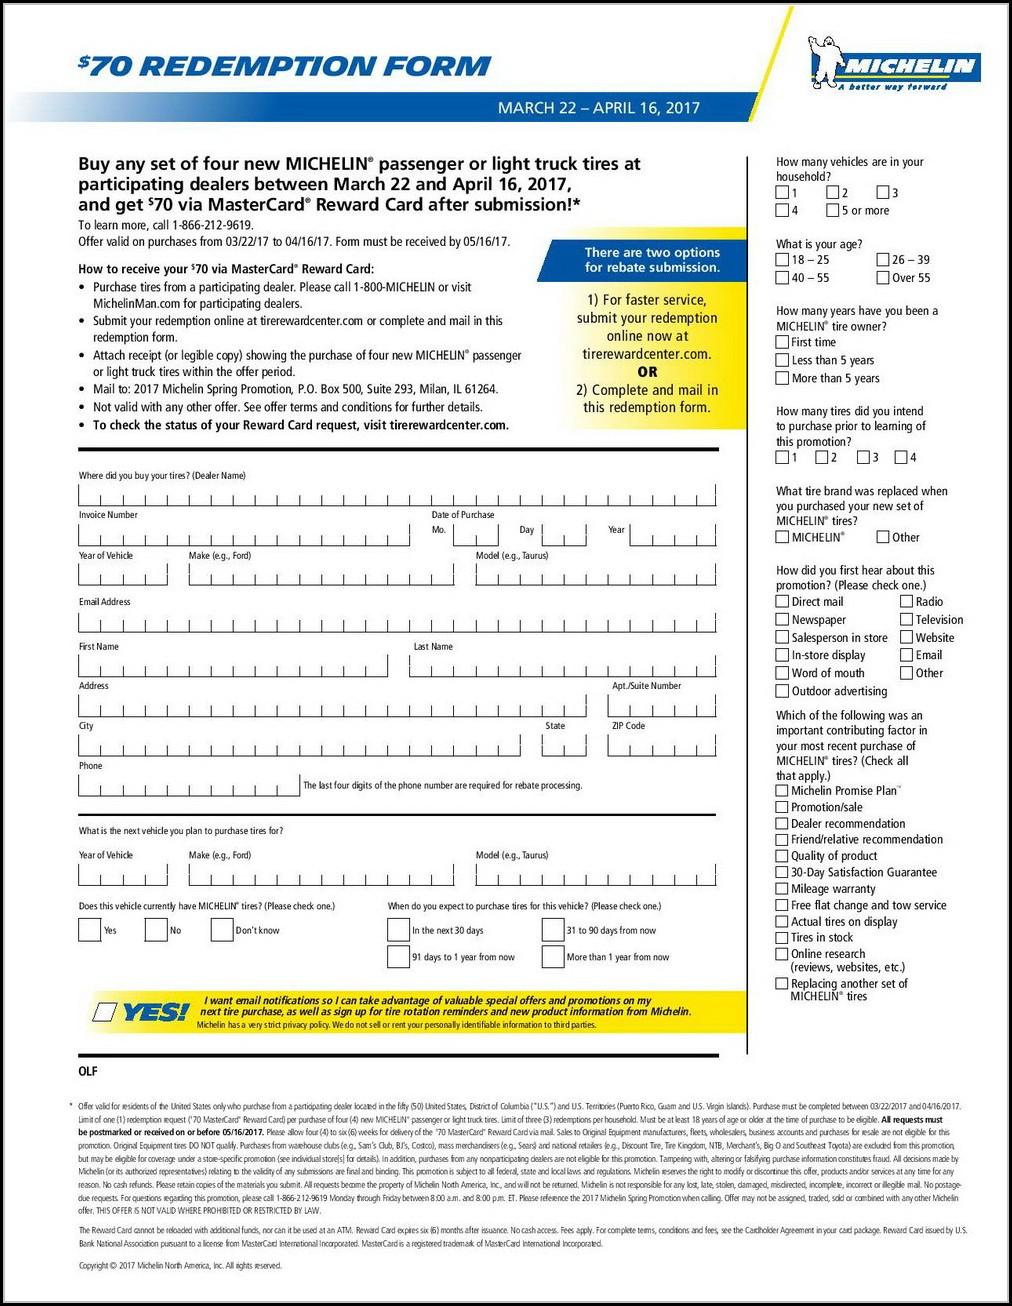 Michelin Tire Employee Rebate Form